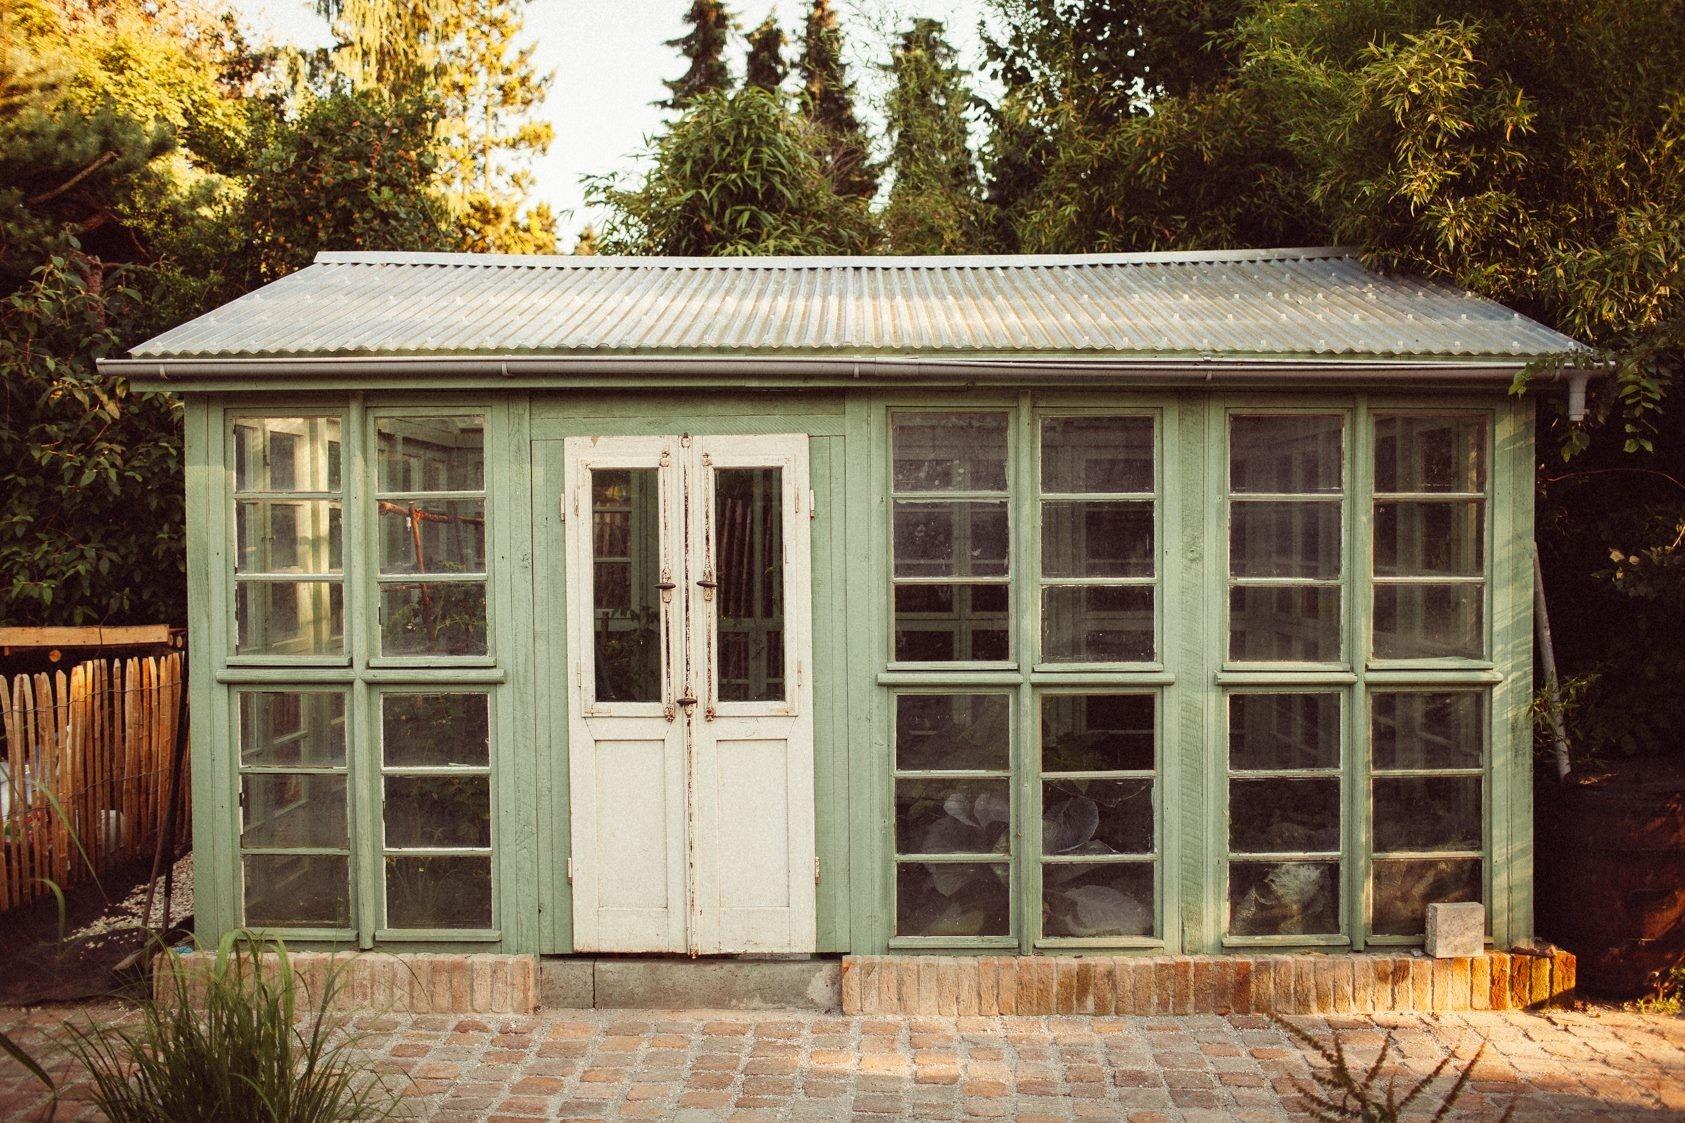 Schönes und Nützliches für den Garten Hinterhof